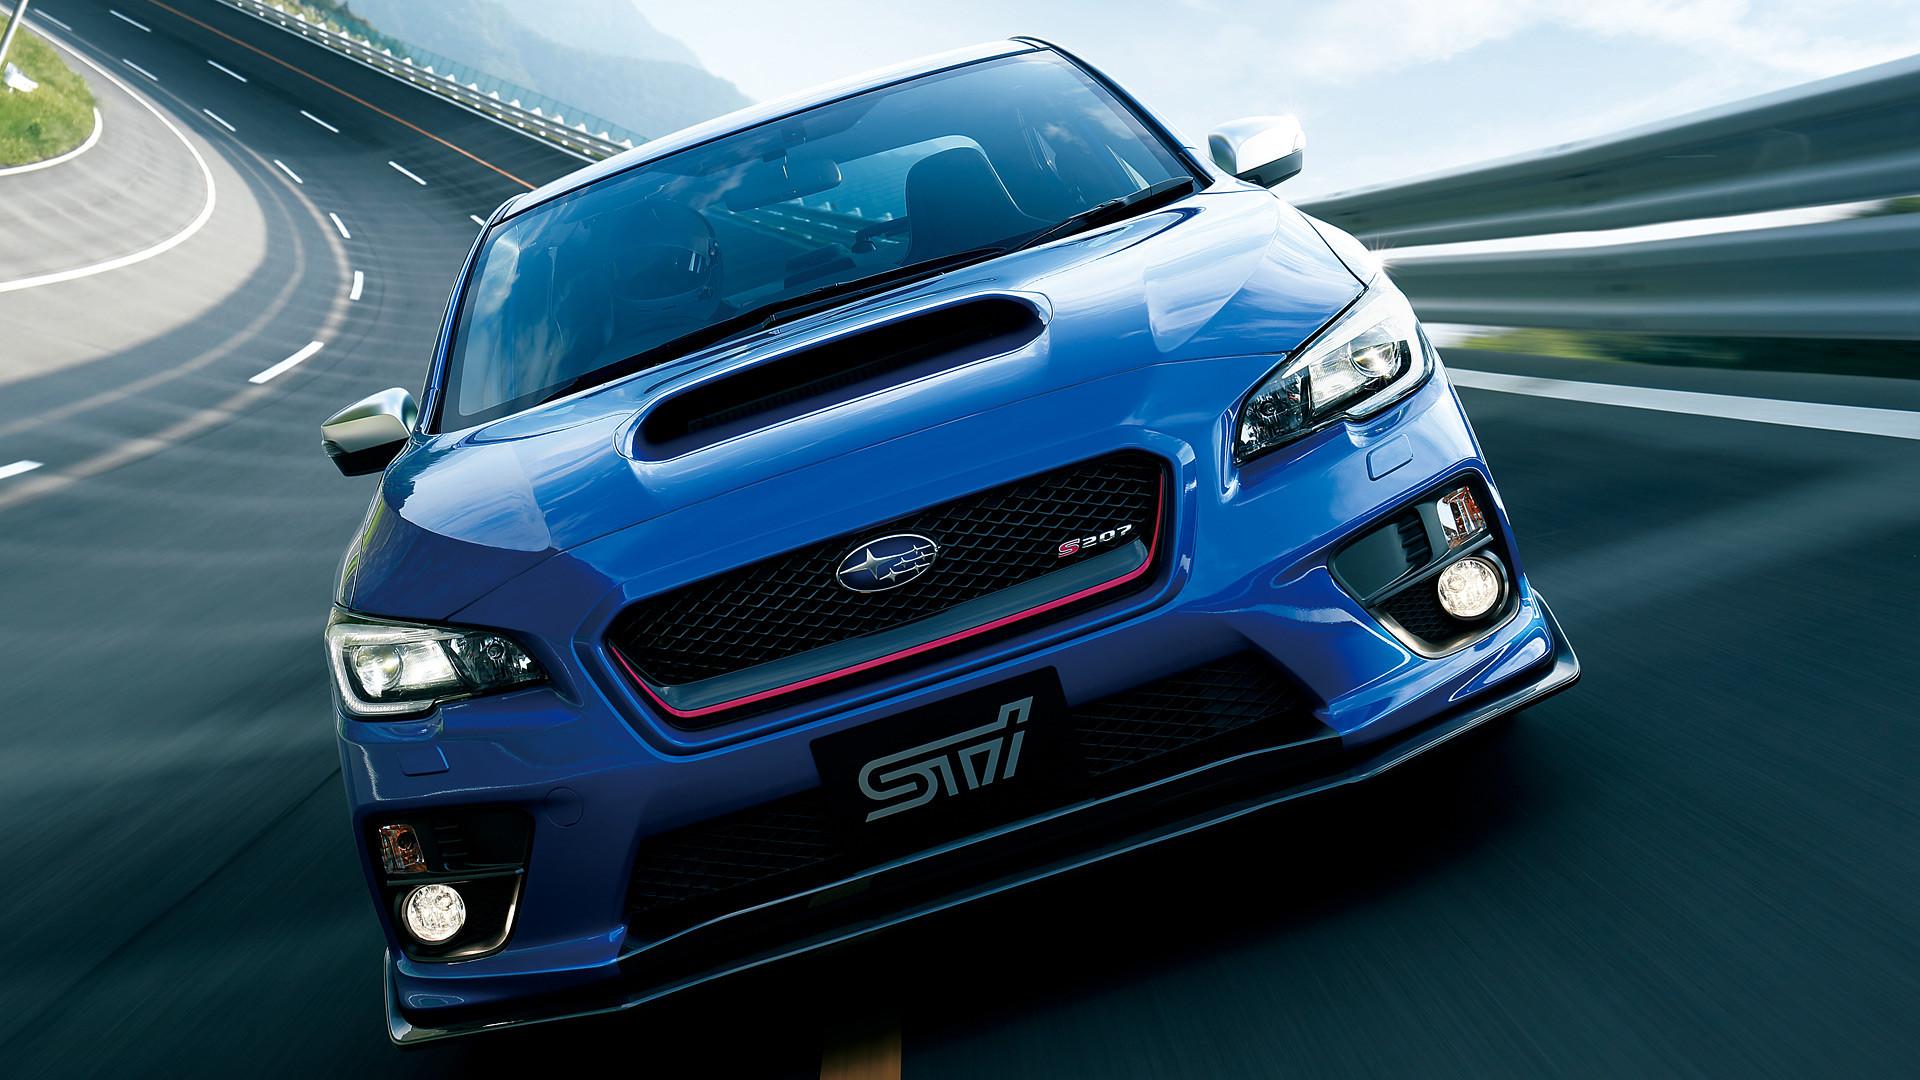 Subaru Wrx Wallpaper Hd 68 Images